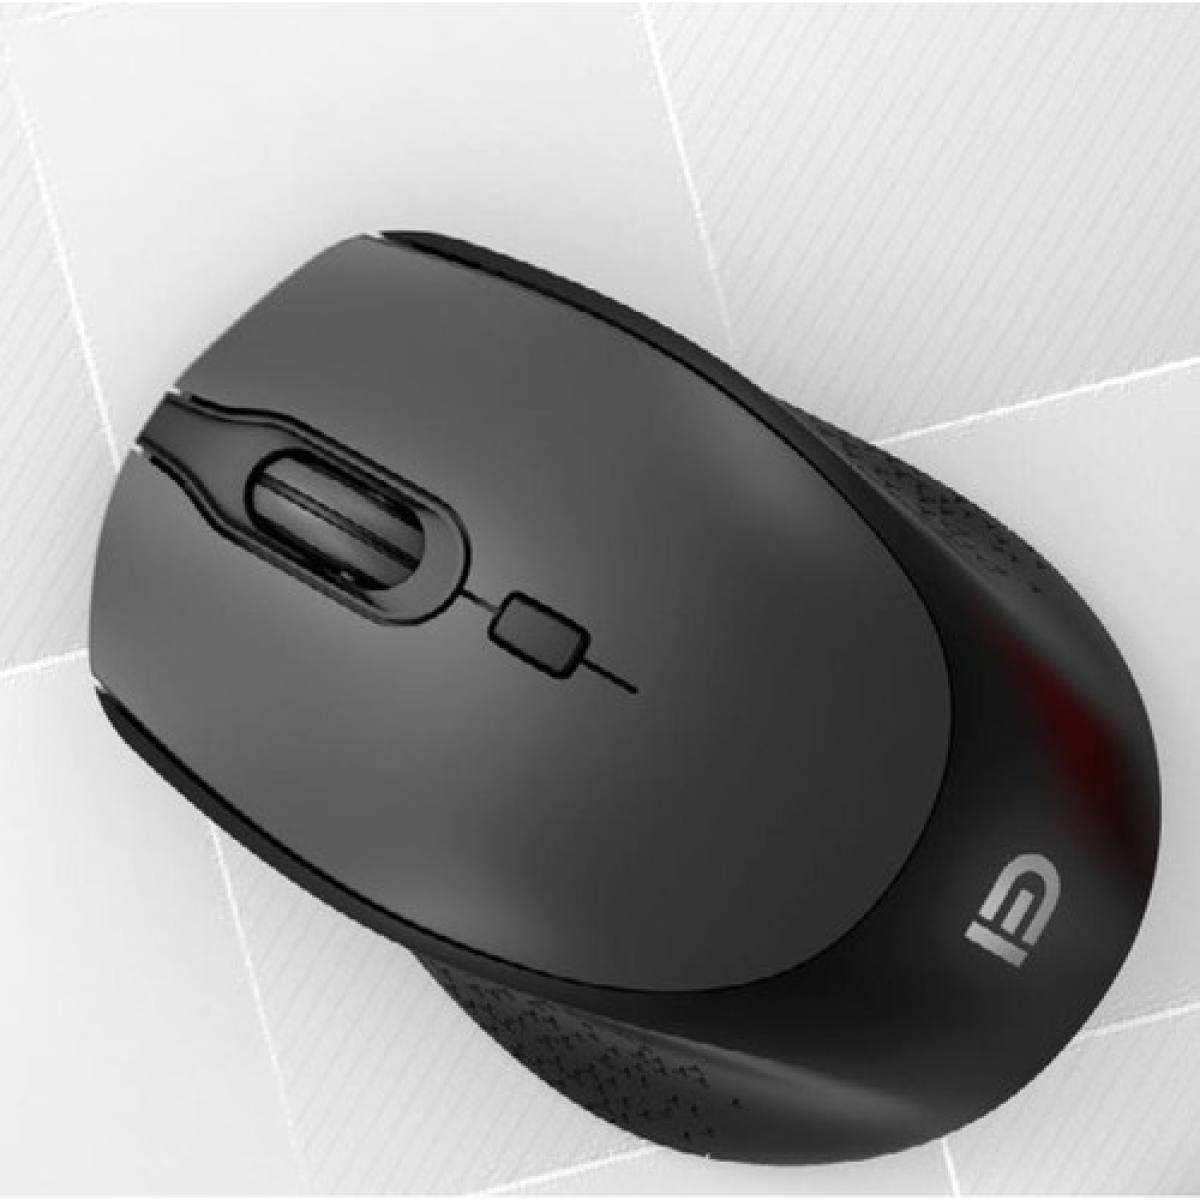 Chuột Không Dây FD i360